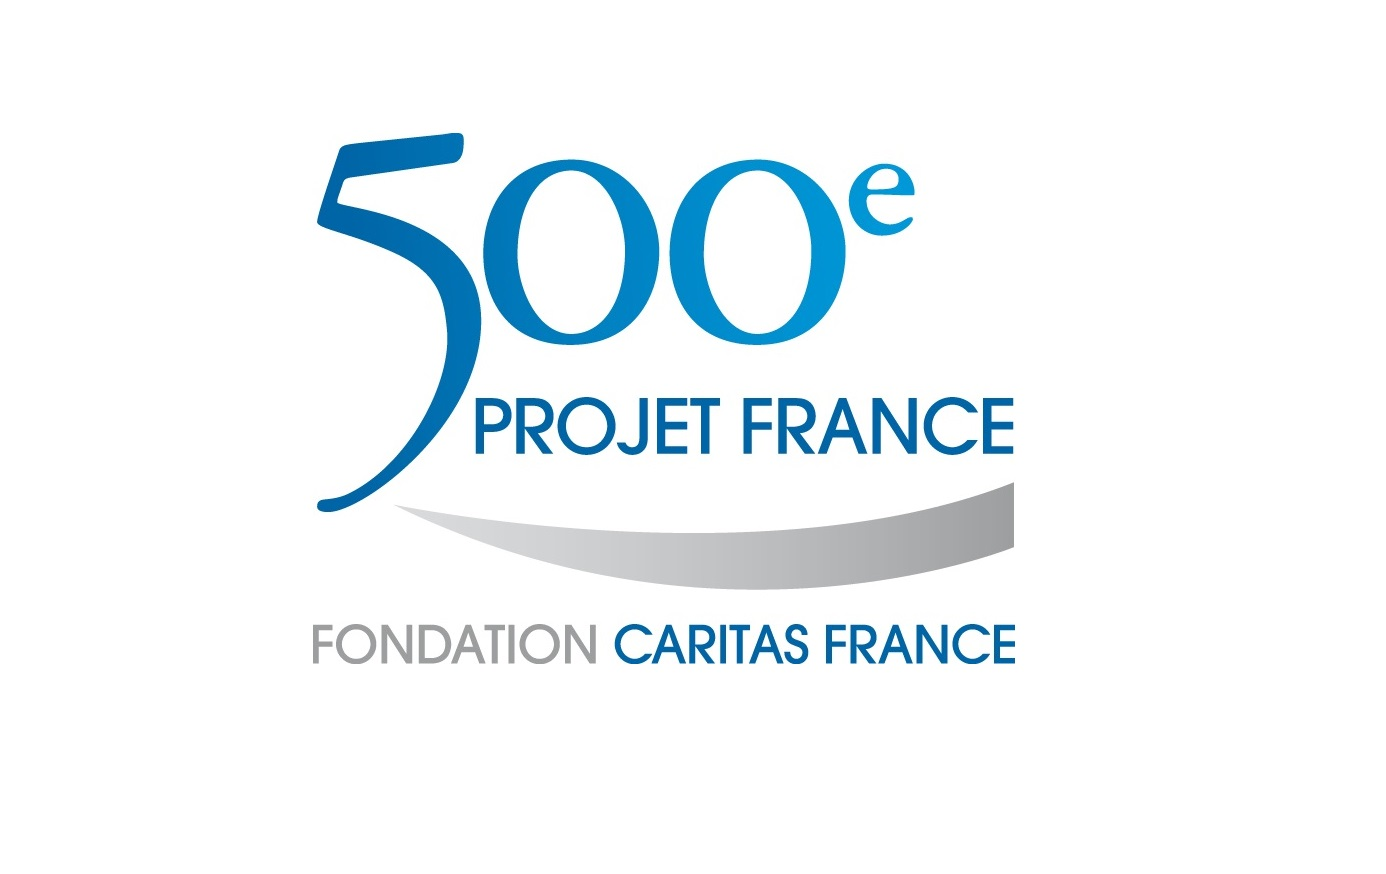 500ème projet France – La Cravate Solidaire : une tête de réseau pour structurer l'essaimage